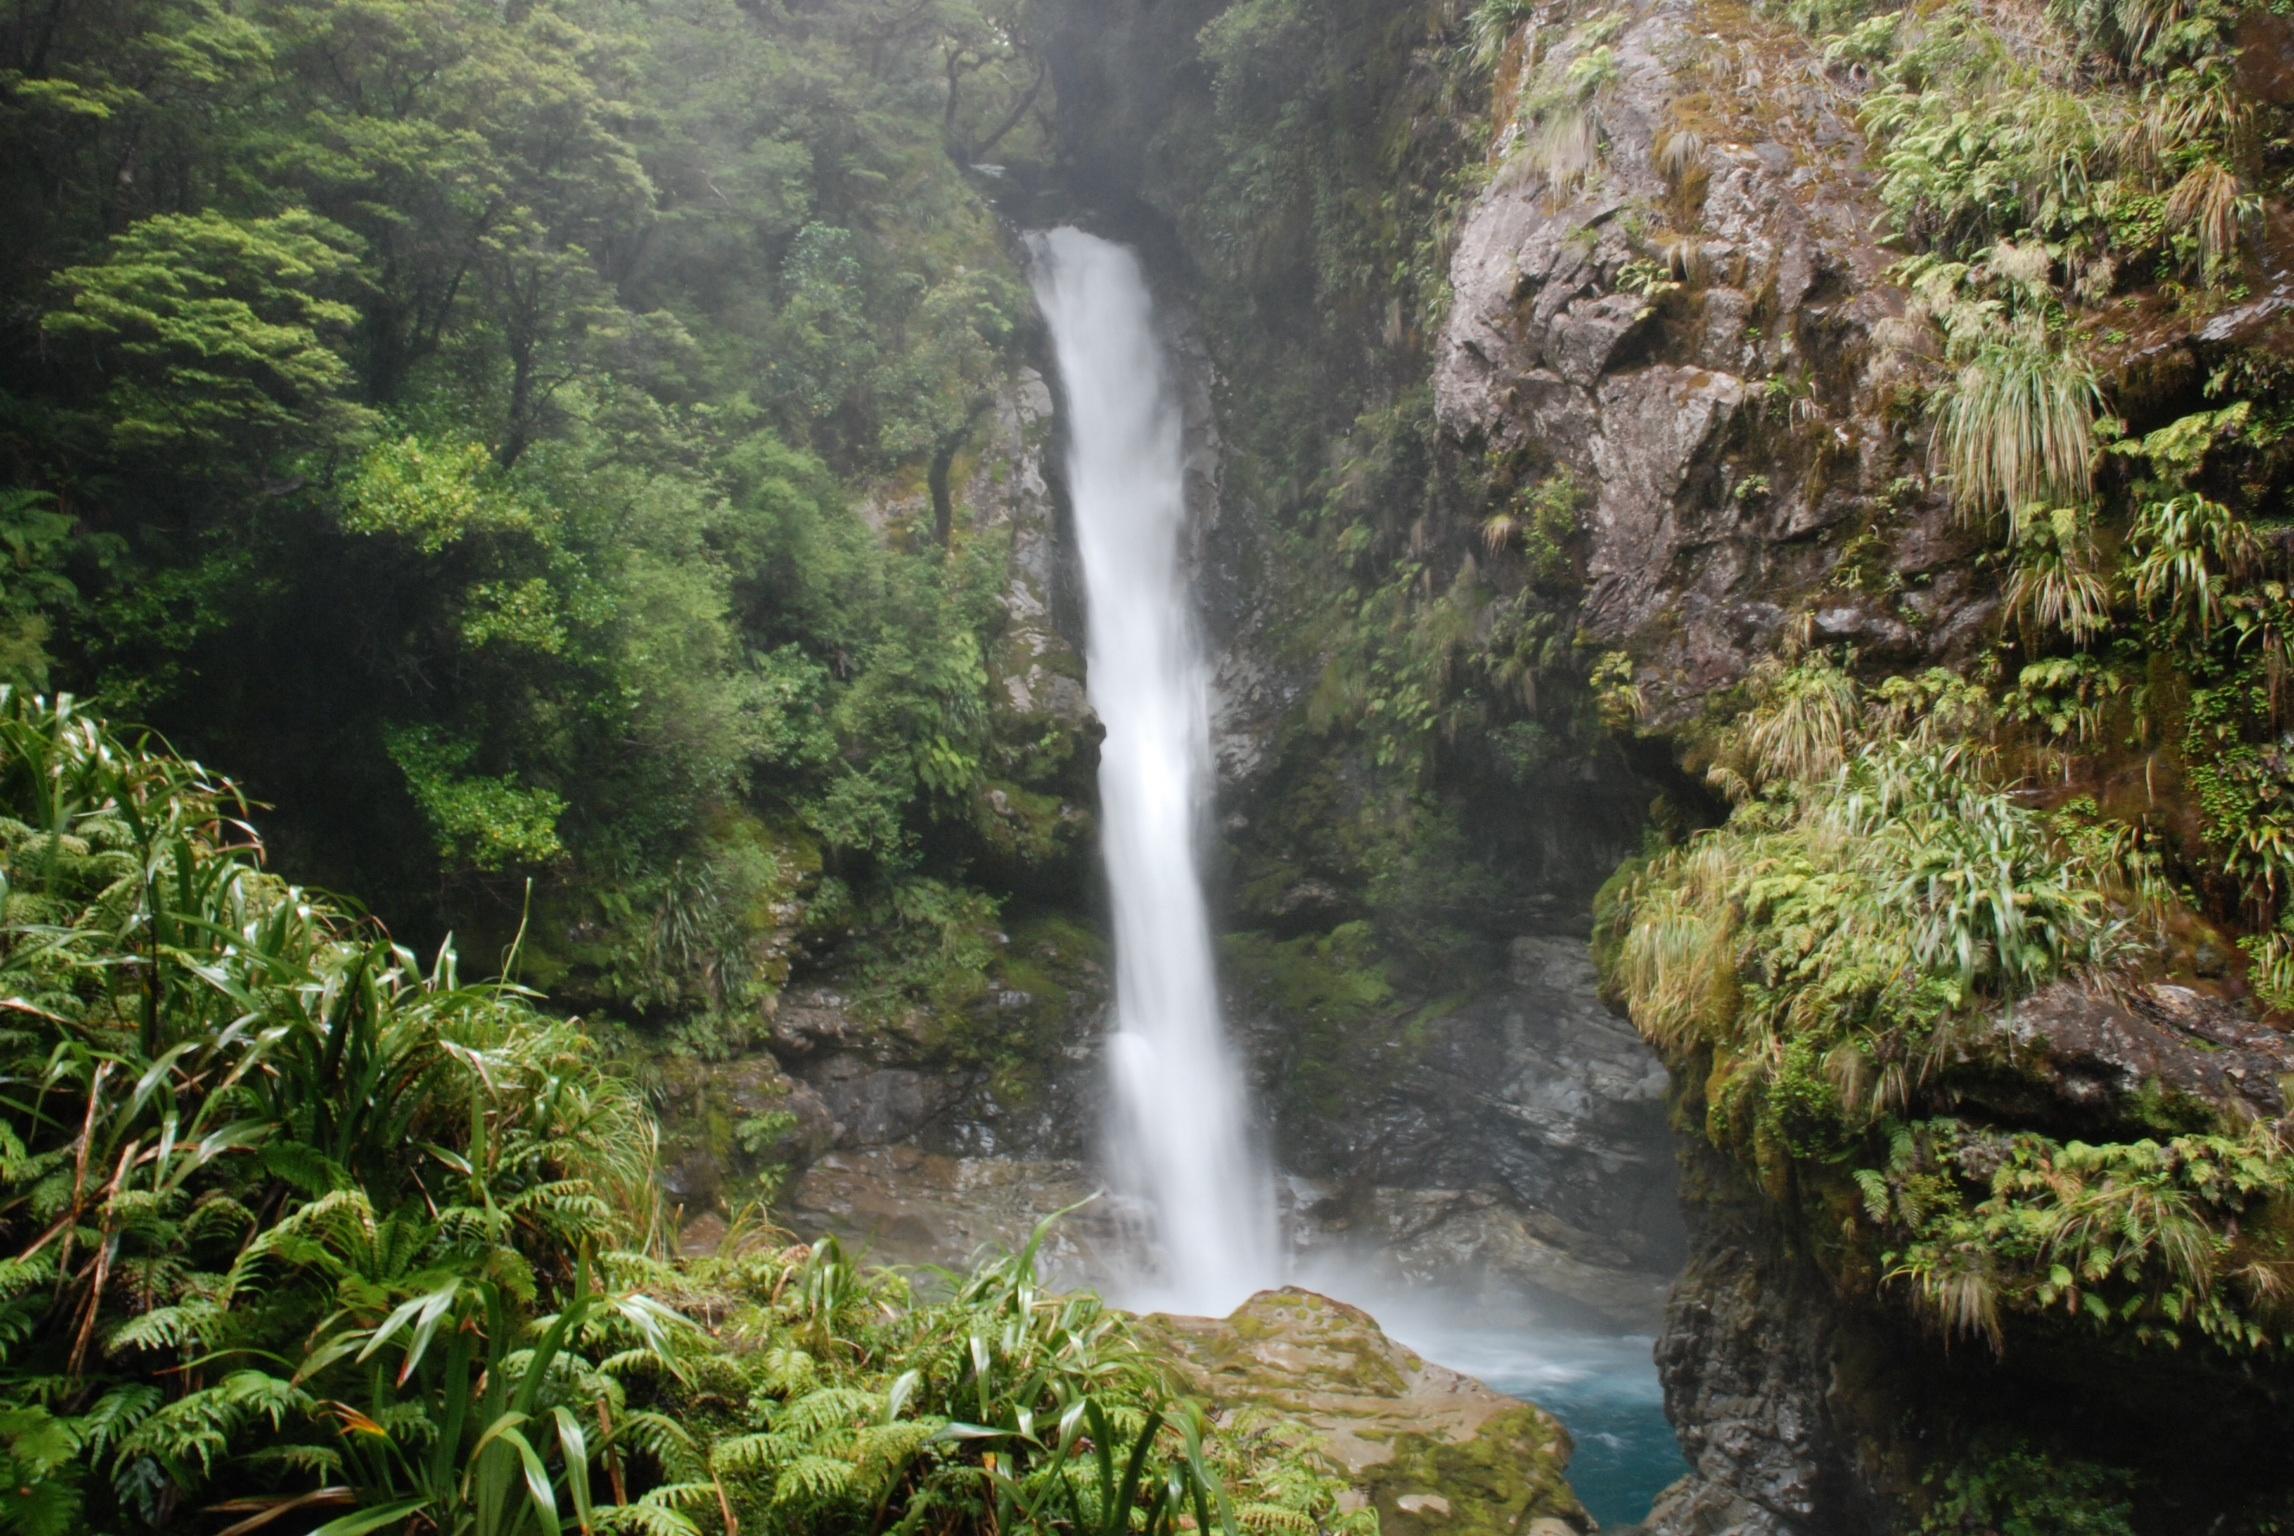 """Den Wasserfall habe ich zufällig """"entdeckt"""" als ich einen ziemlich abenteurlichen Weg geklettert bin."""